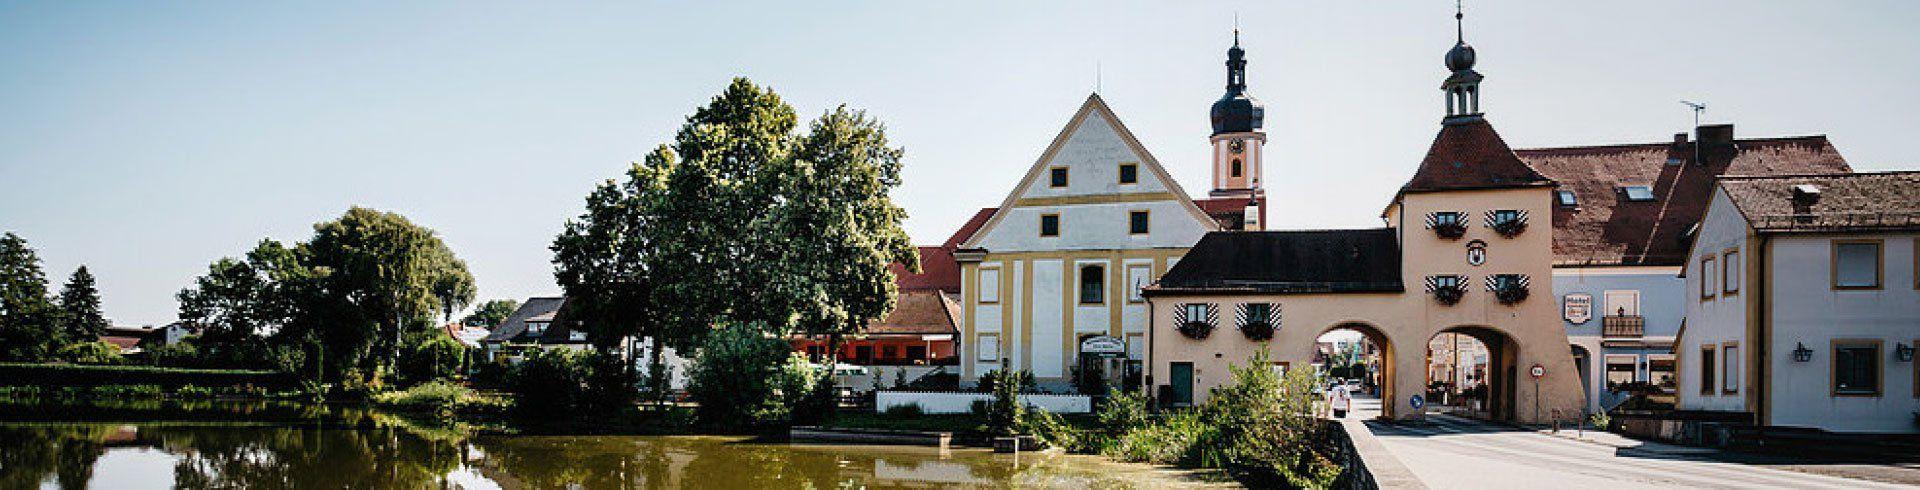 Markt Allersberg